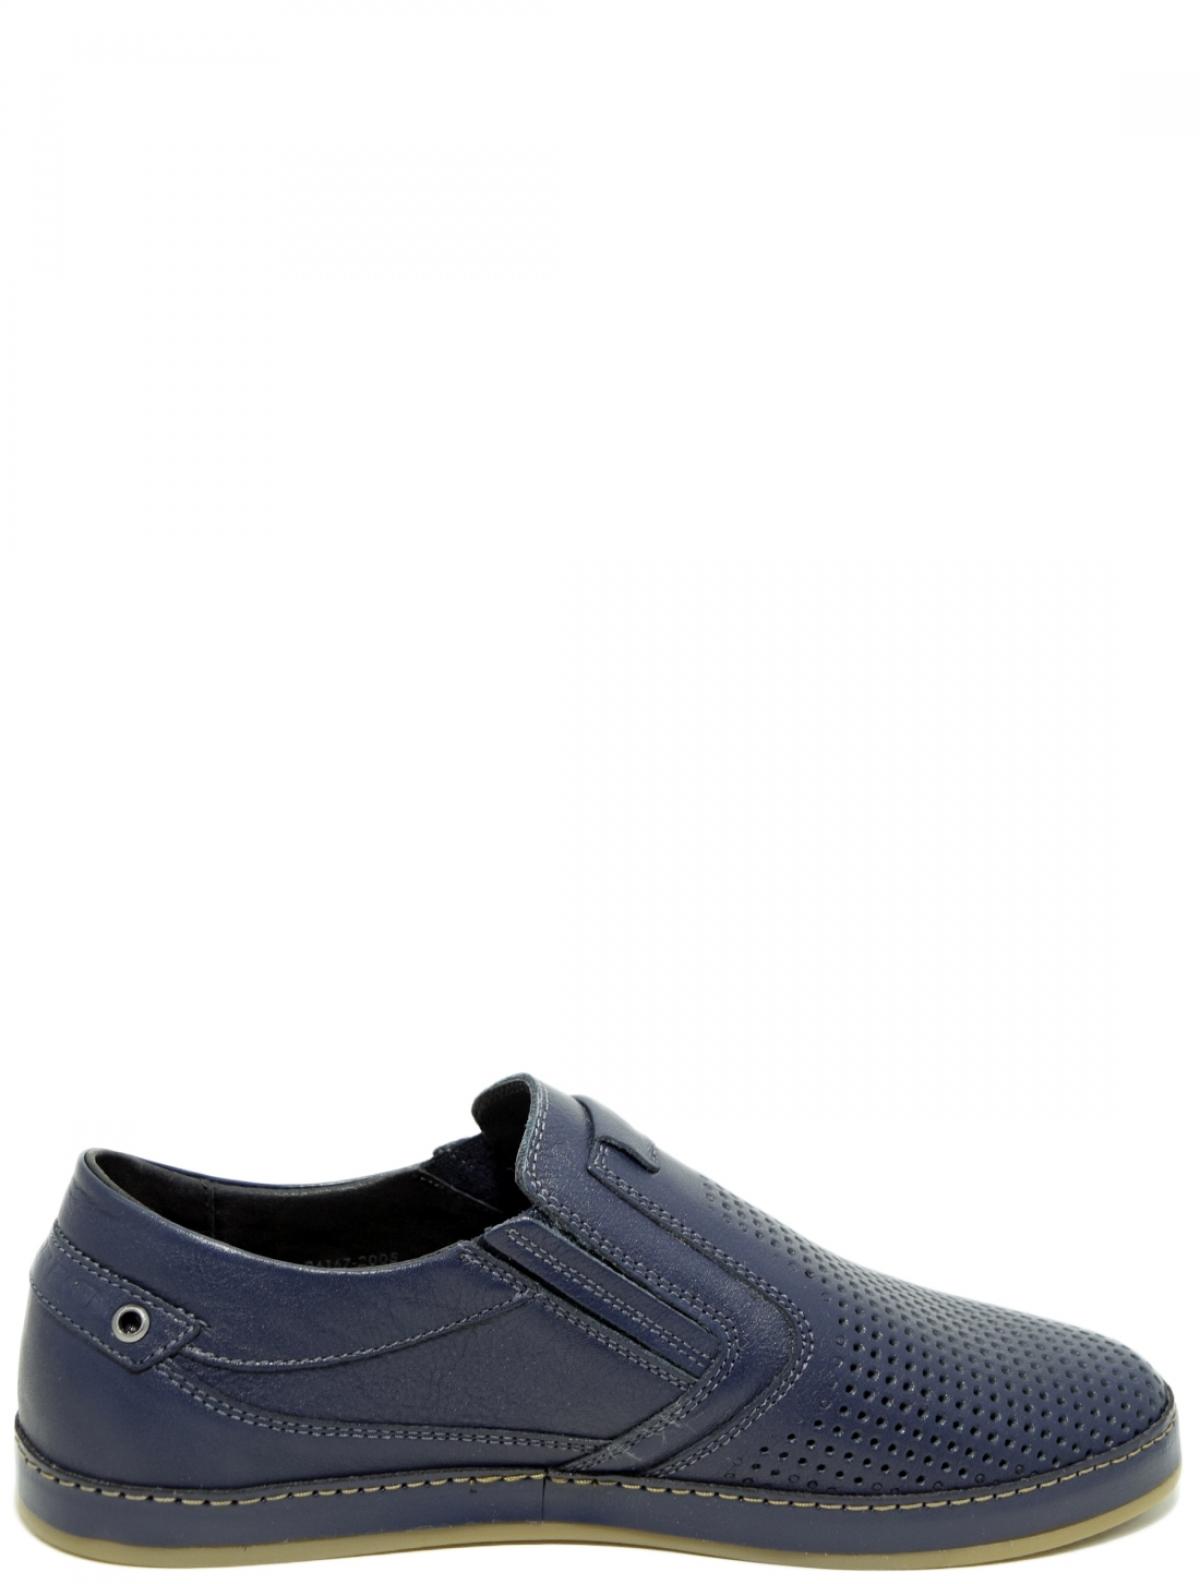 EDERRO 9145552 мужские туфли